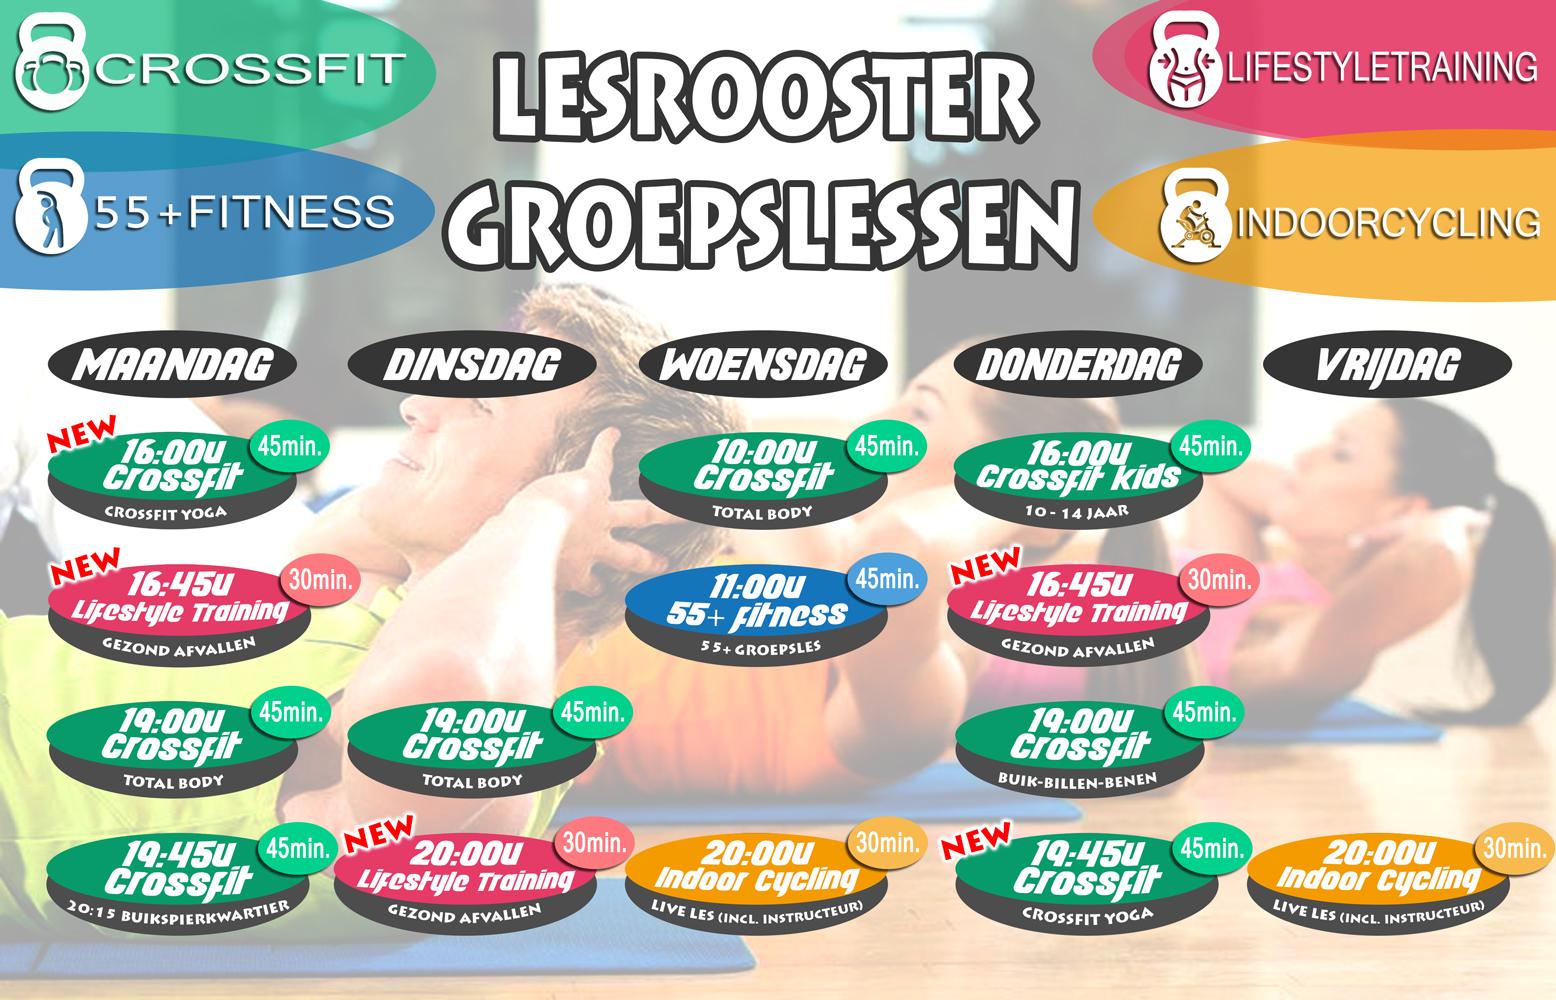 Lesrooster-alle-groepslessen